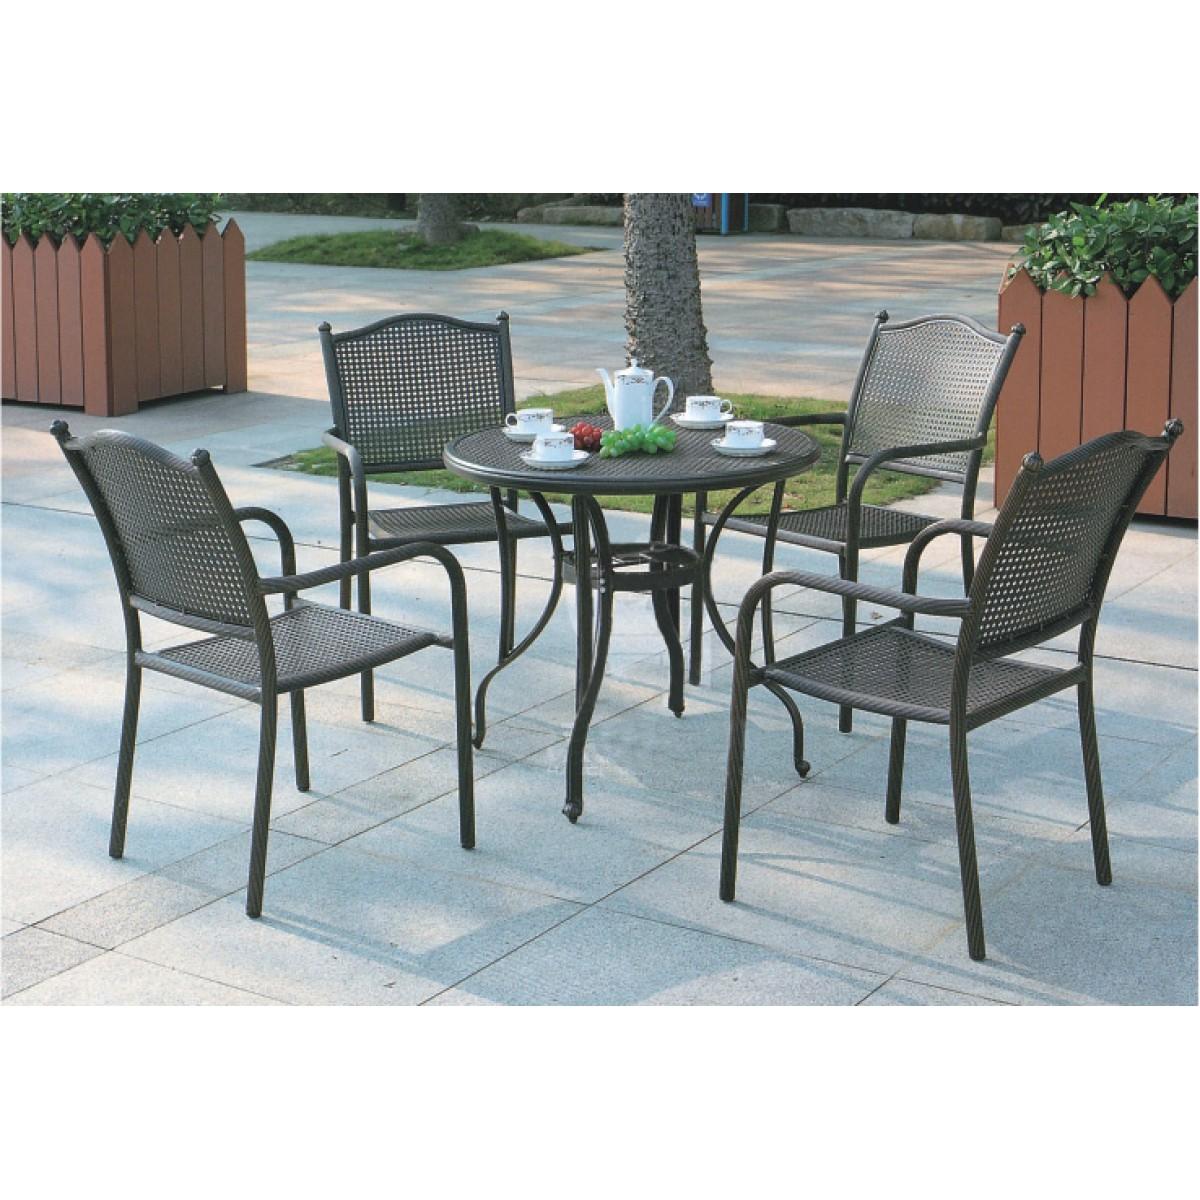 戶外鑄鋁桌椅套裝(HD-K1631B)